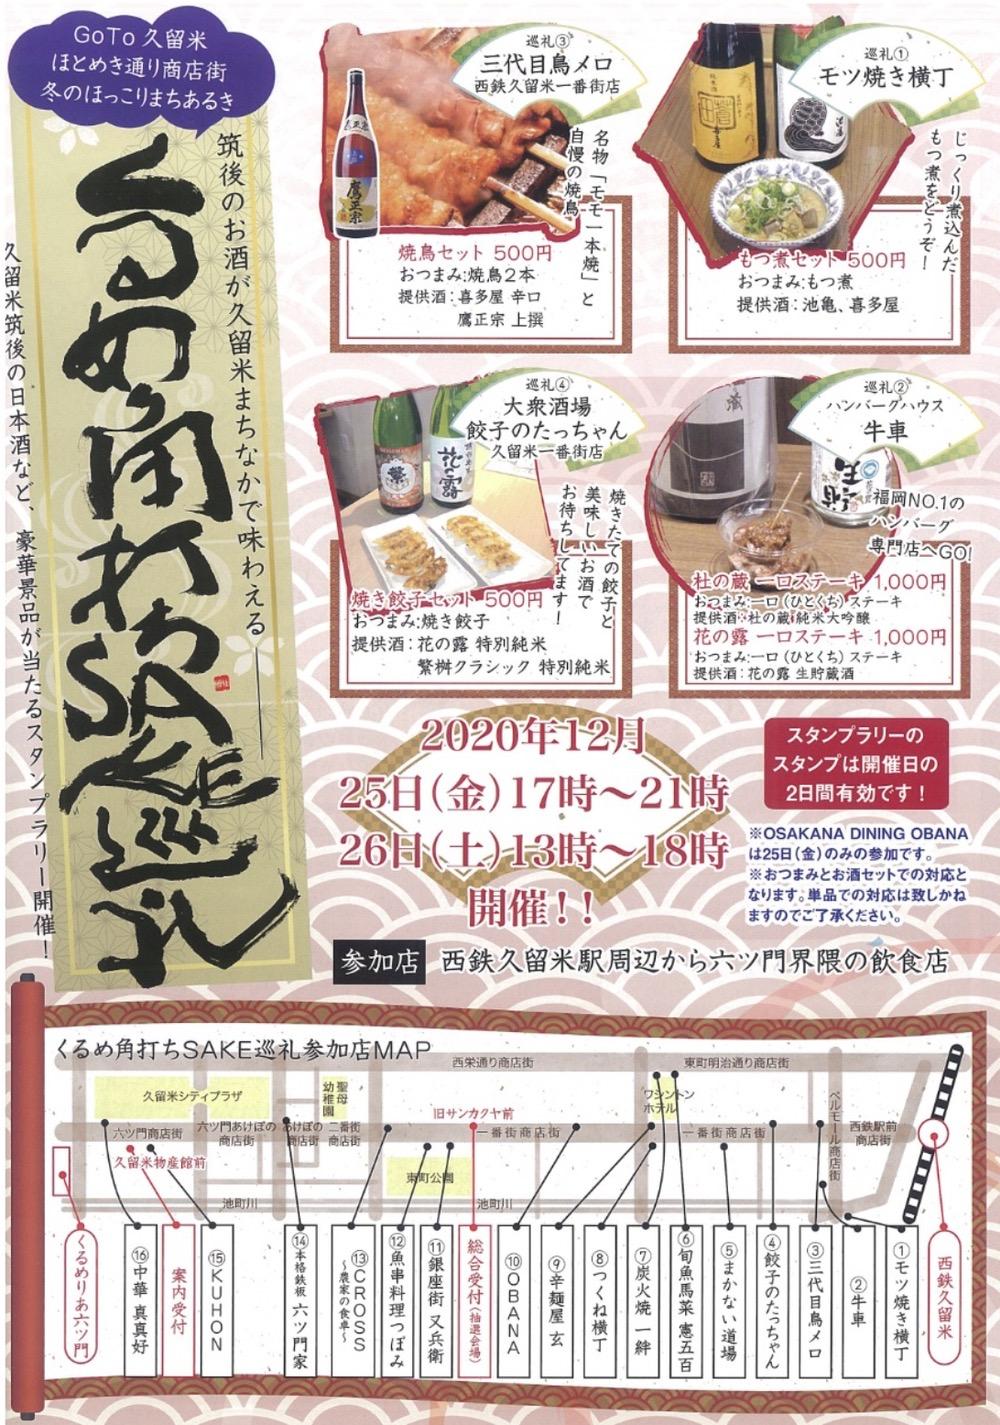 西鉄久留米駅周辺から六ツ門界隈の飲食店 参加飲食店16店と内容